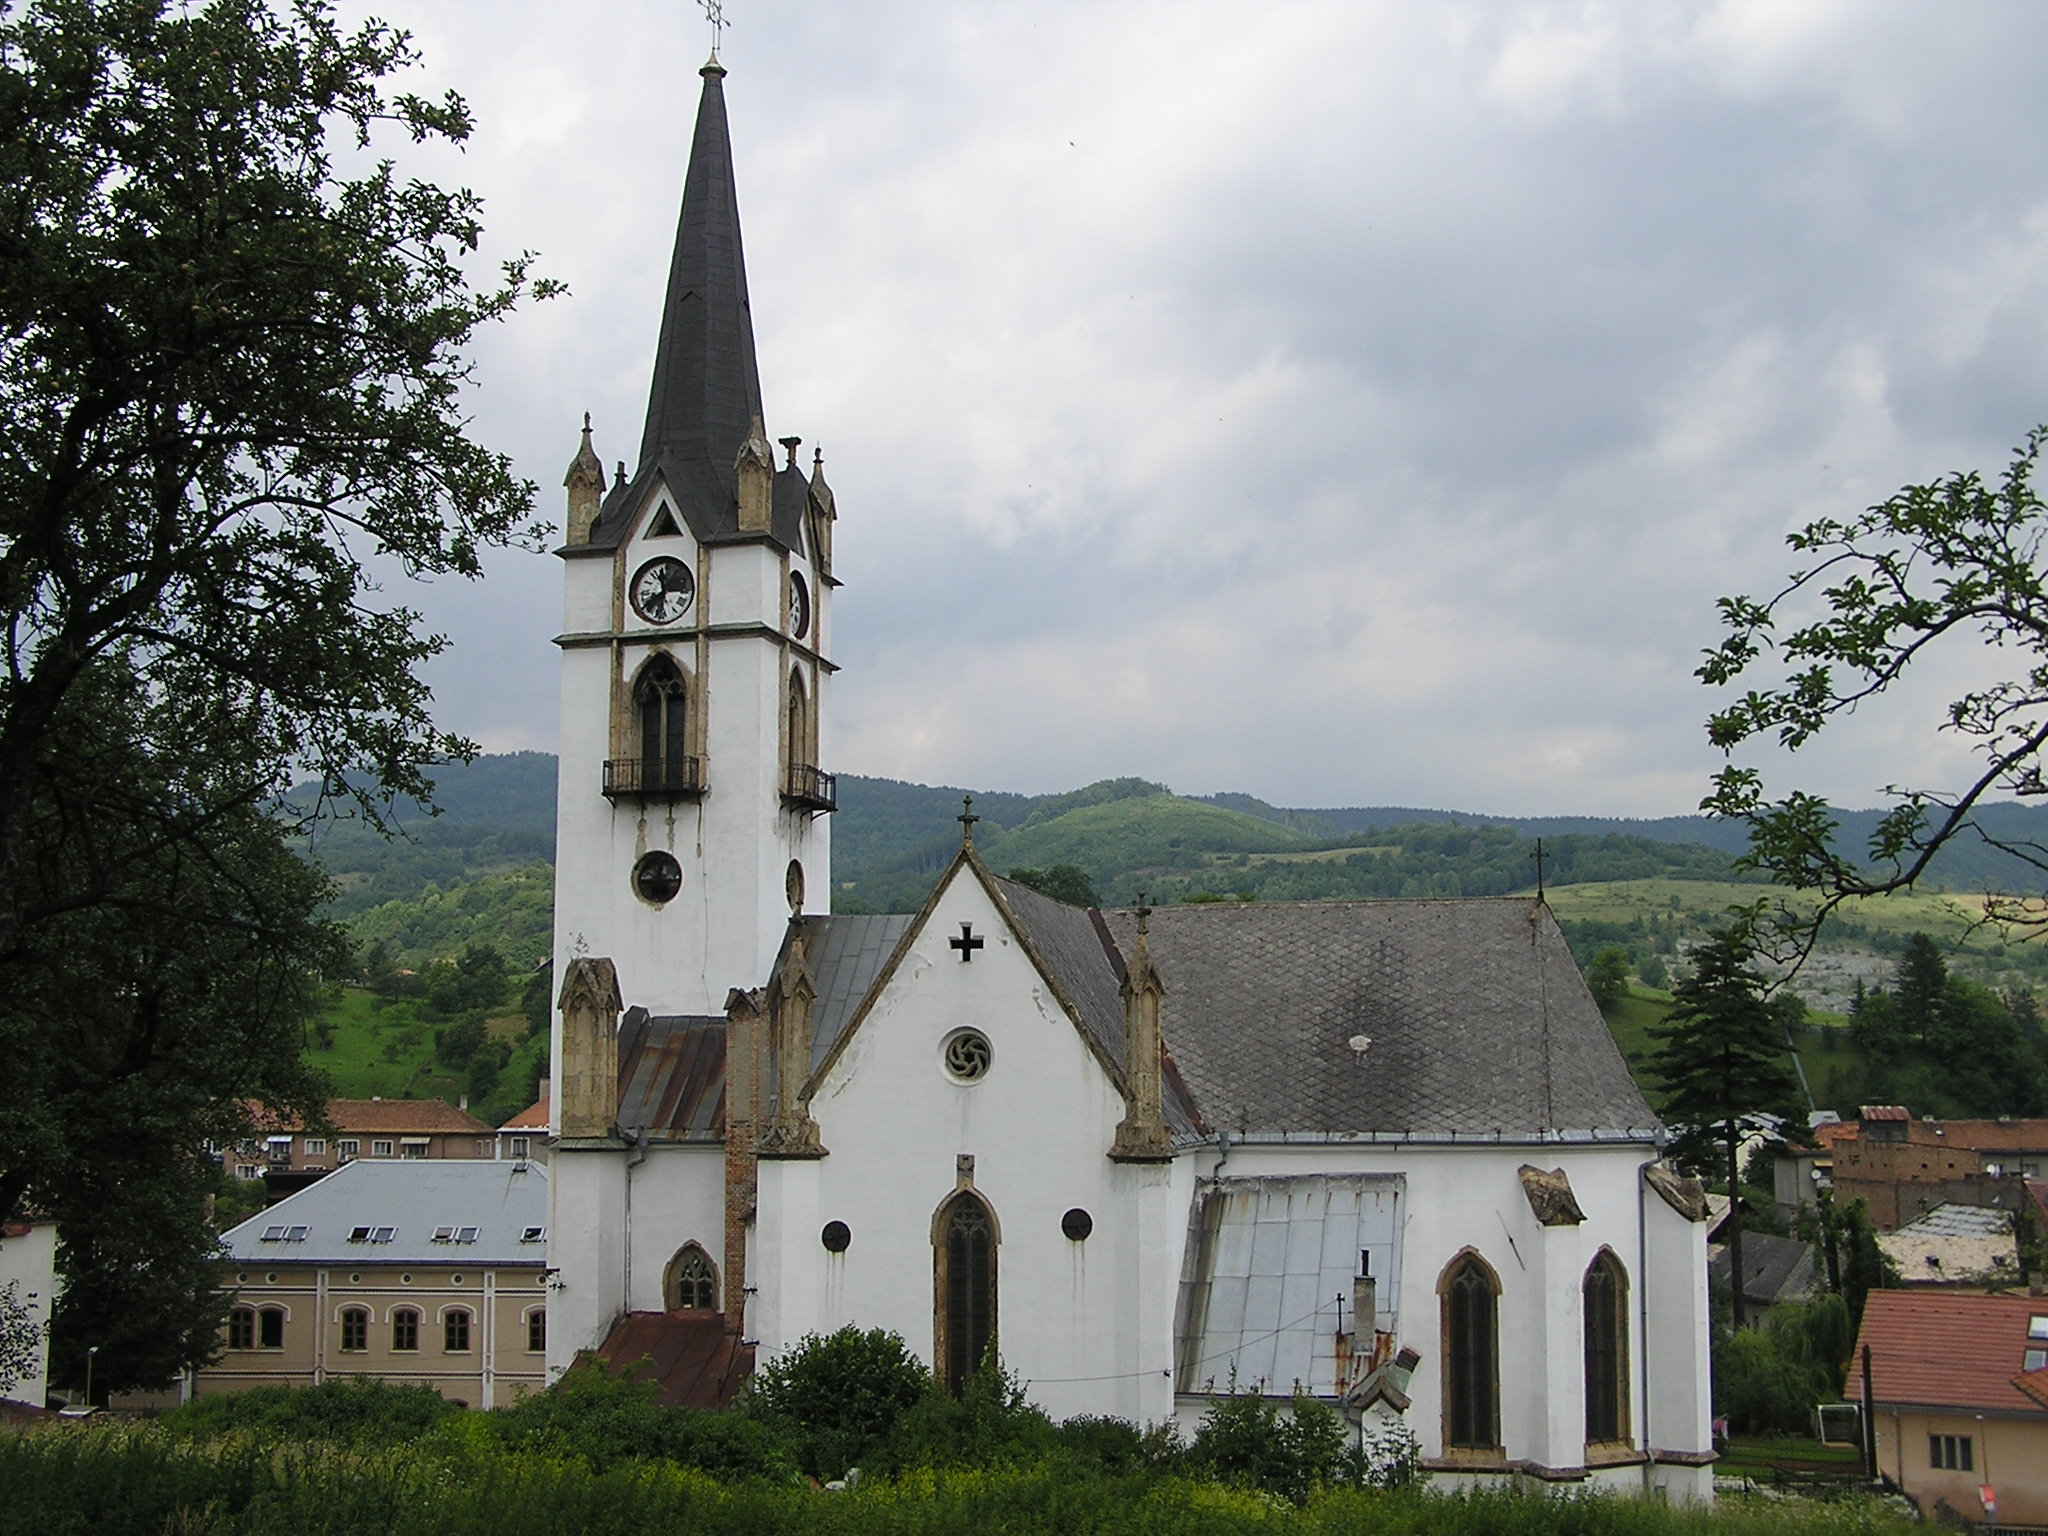 Pohľad na evanjelický kostol z miesta bývalej fary.